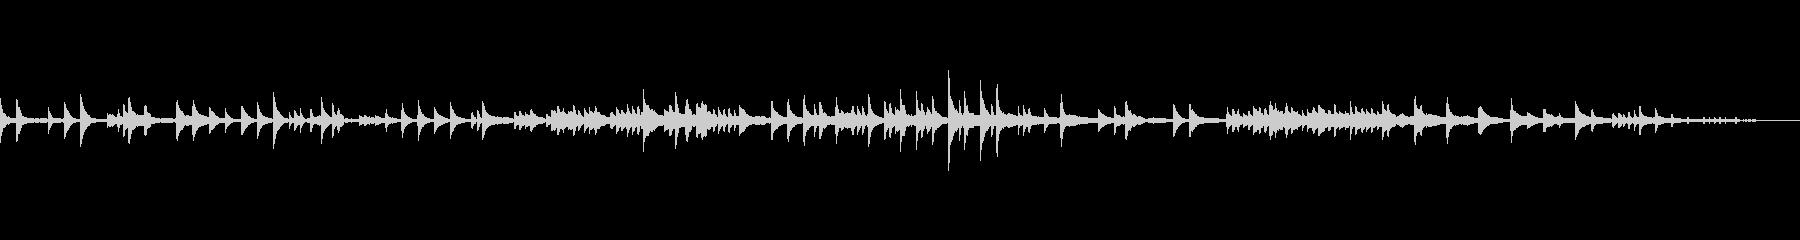 アンニュイなピアノソロの未再生の波形